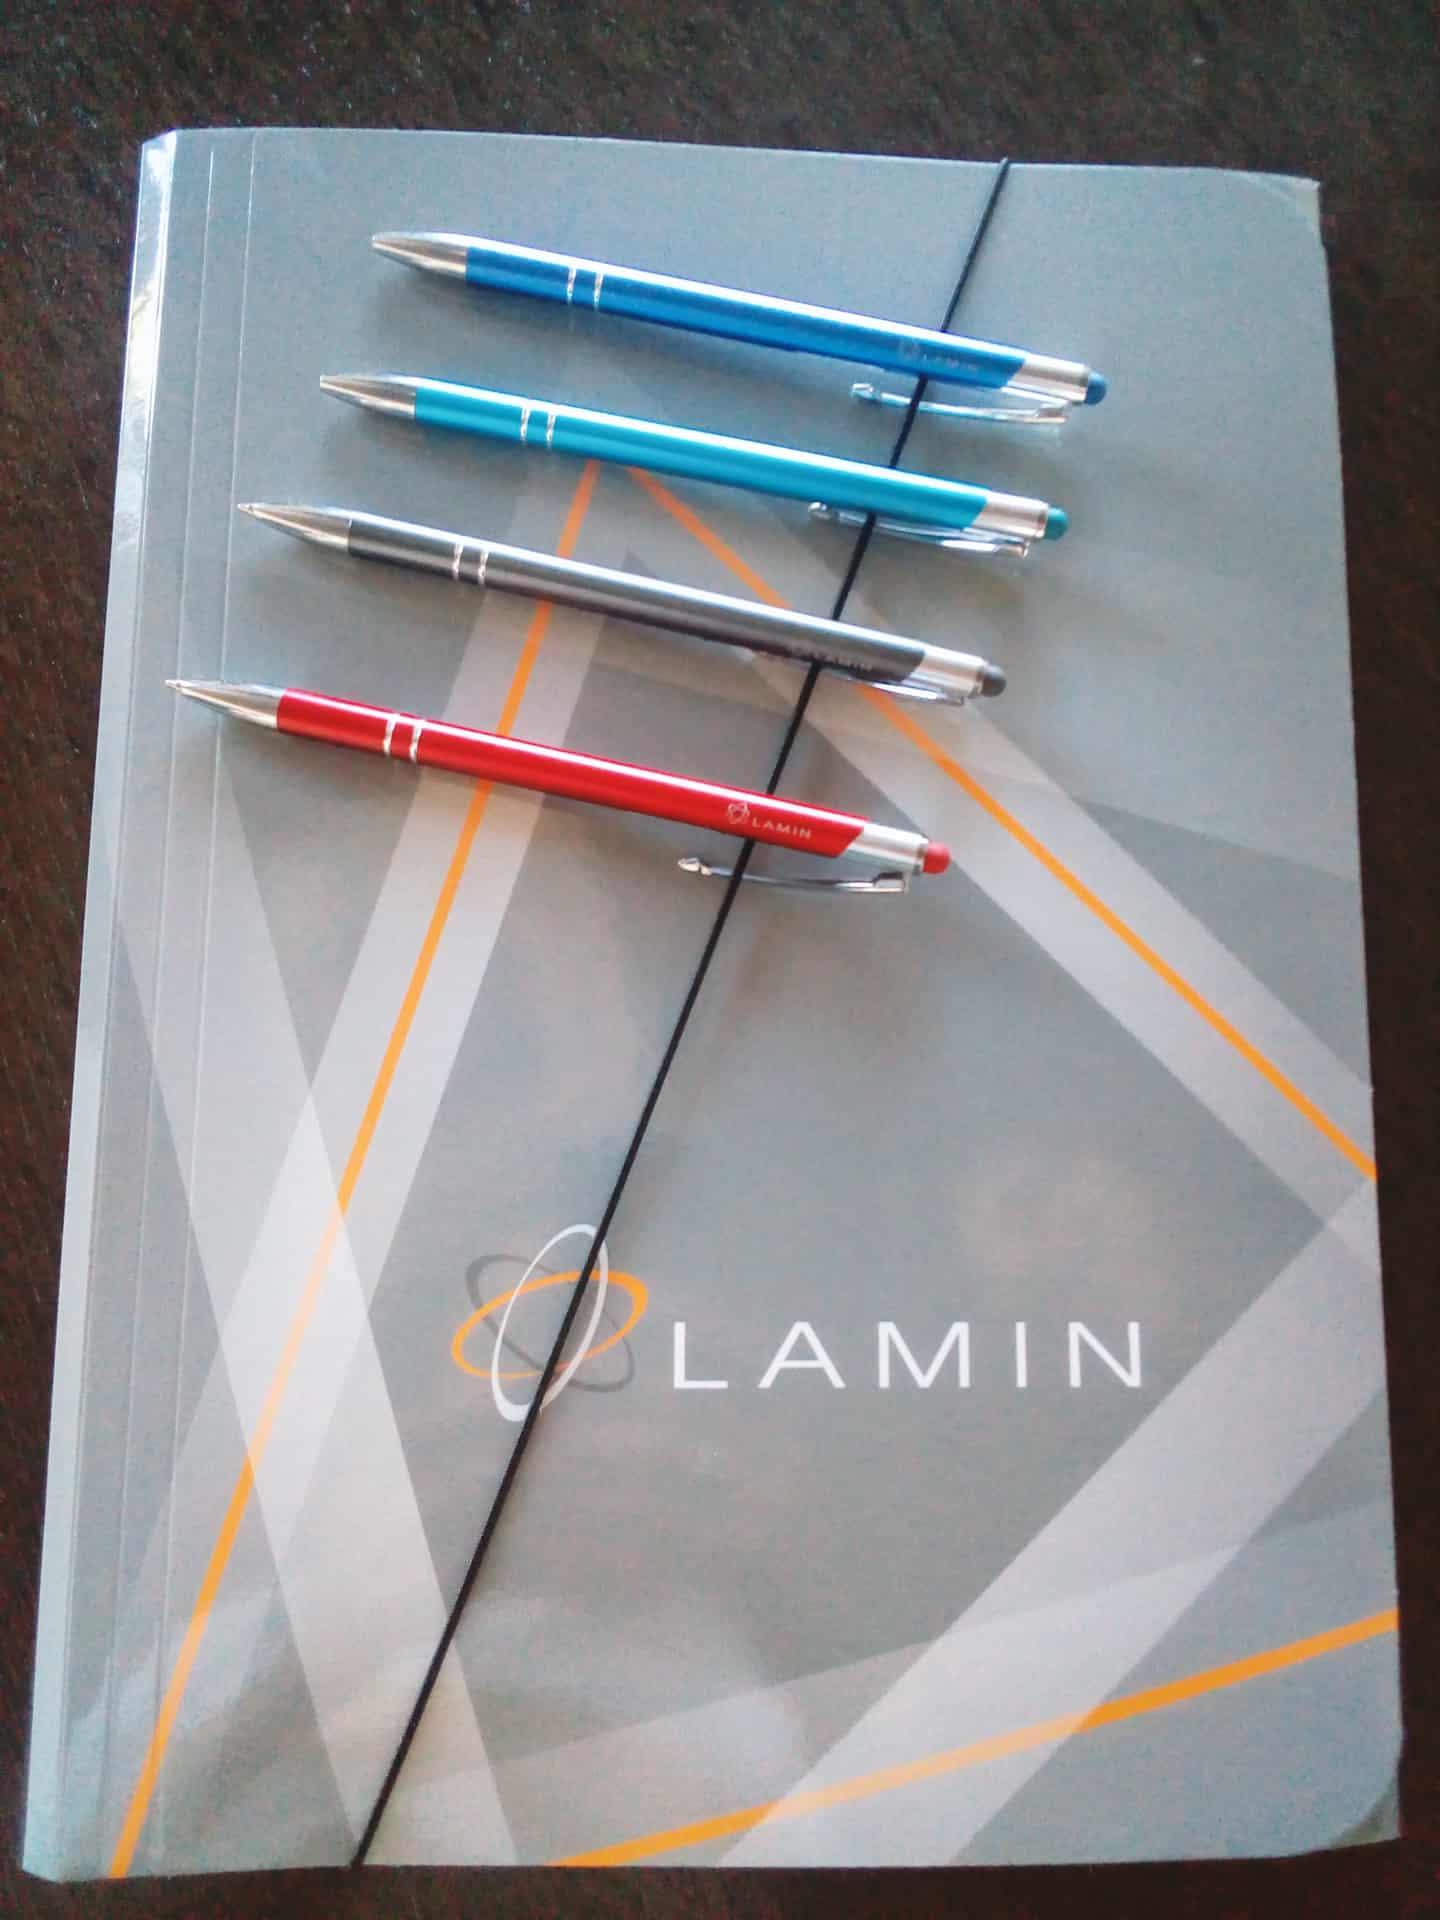 teczki duże i długopisy z logo Lamin